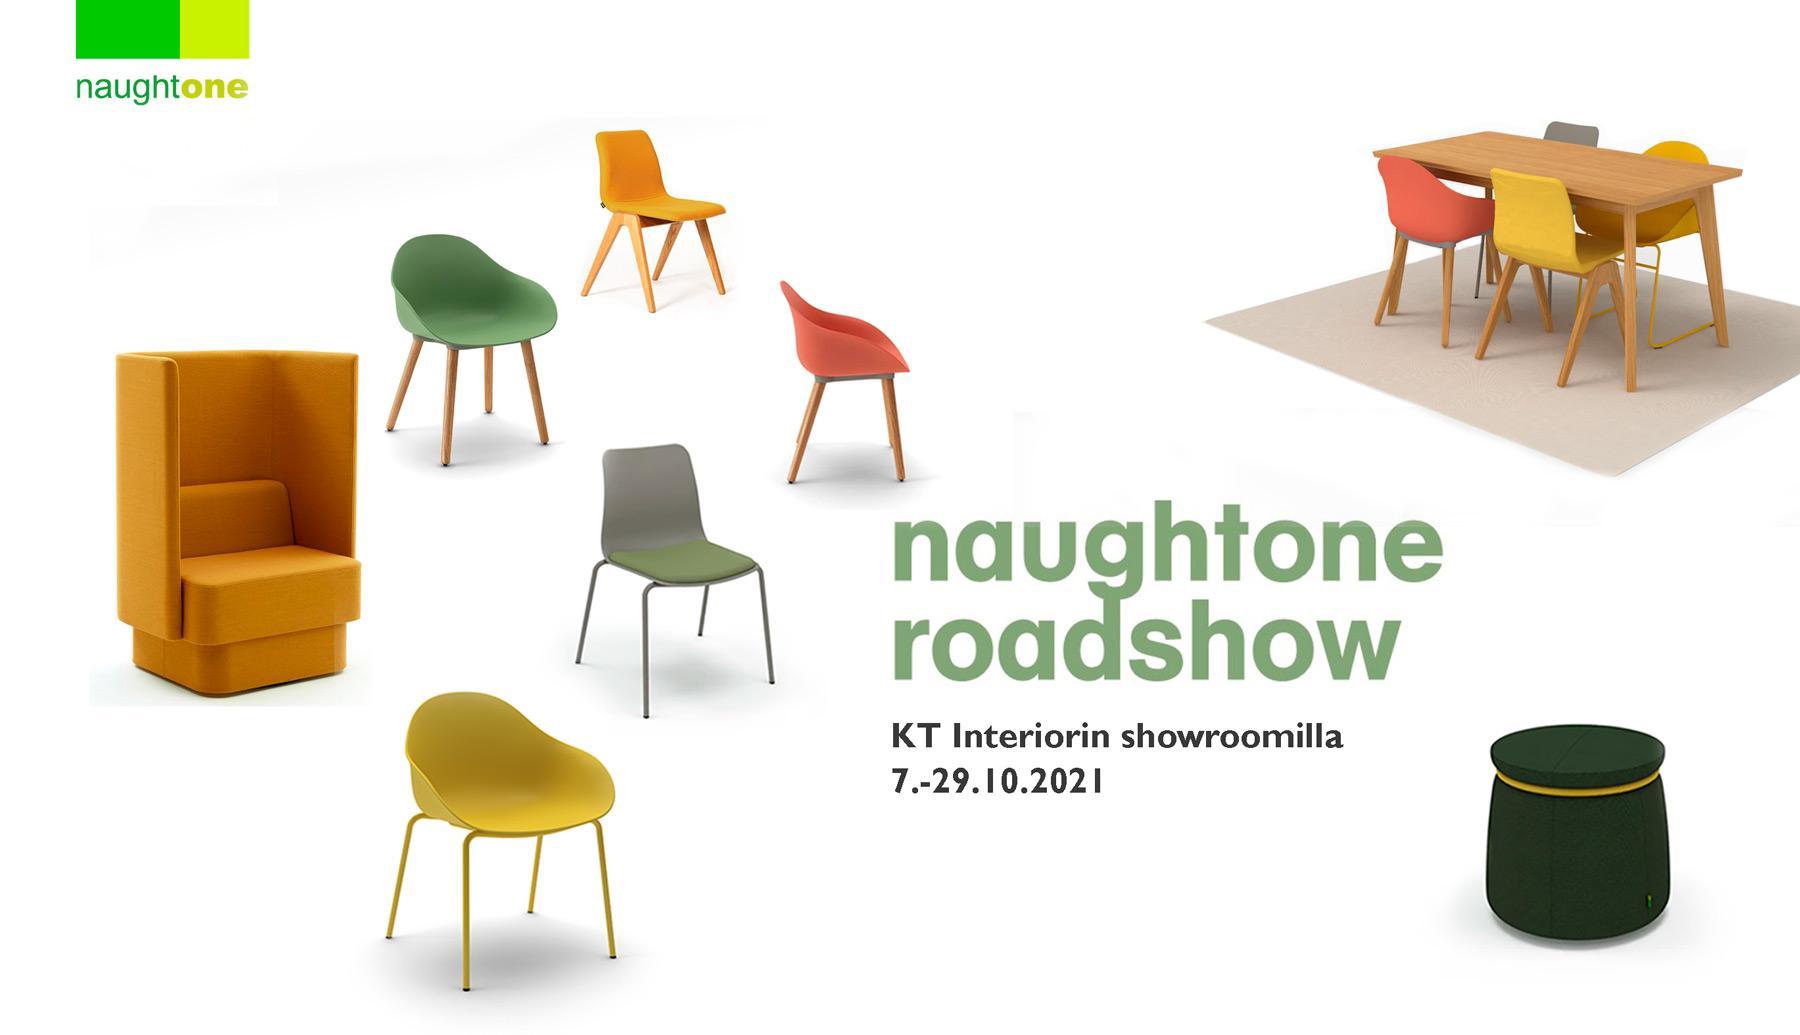 Naughtone Roadshow, KT Interiorin showroomilla lokakuussa 2021. Ilmoittaudu mukaan!